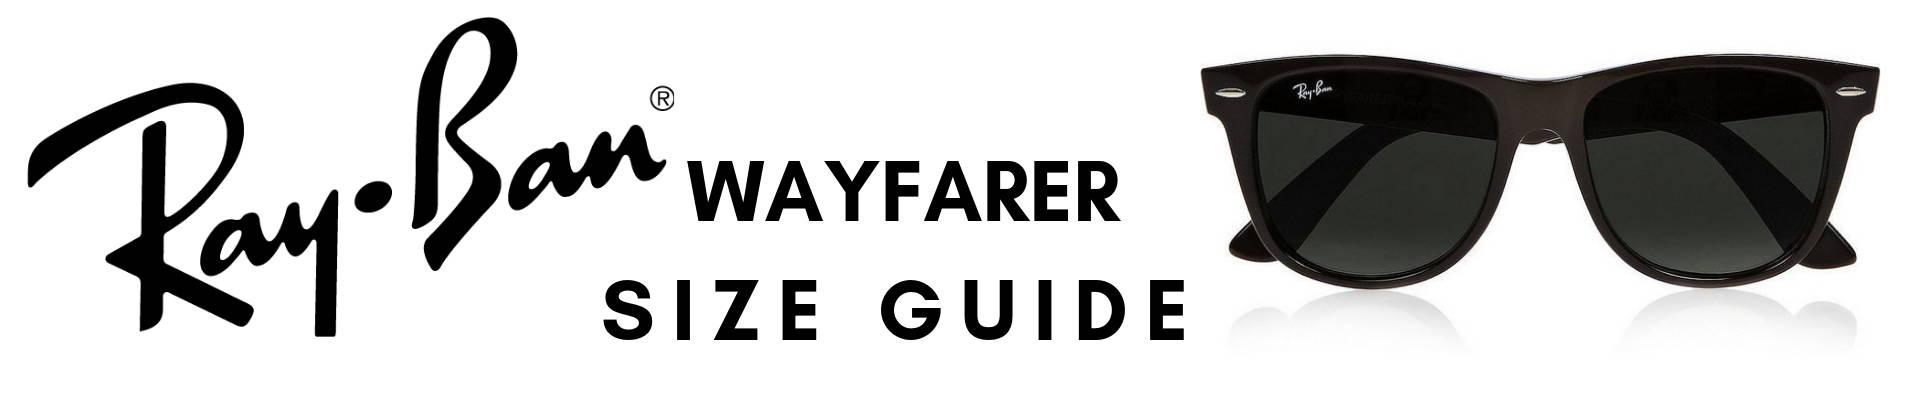 Ray-Ban Wayfarer Size Guide